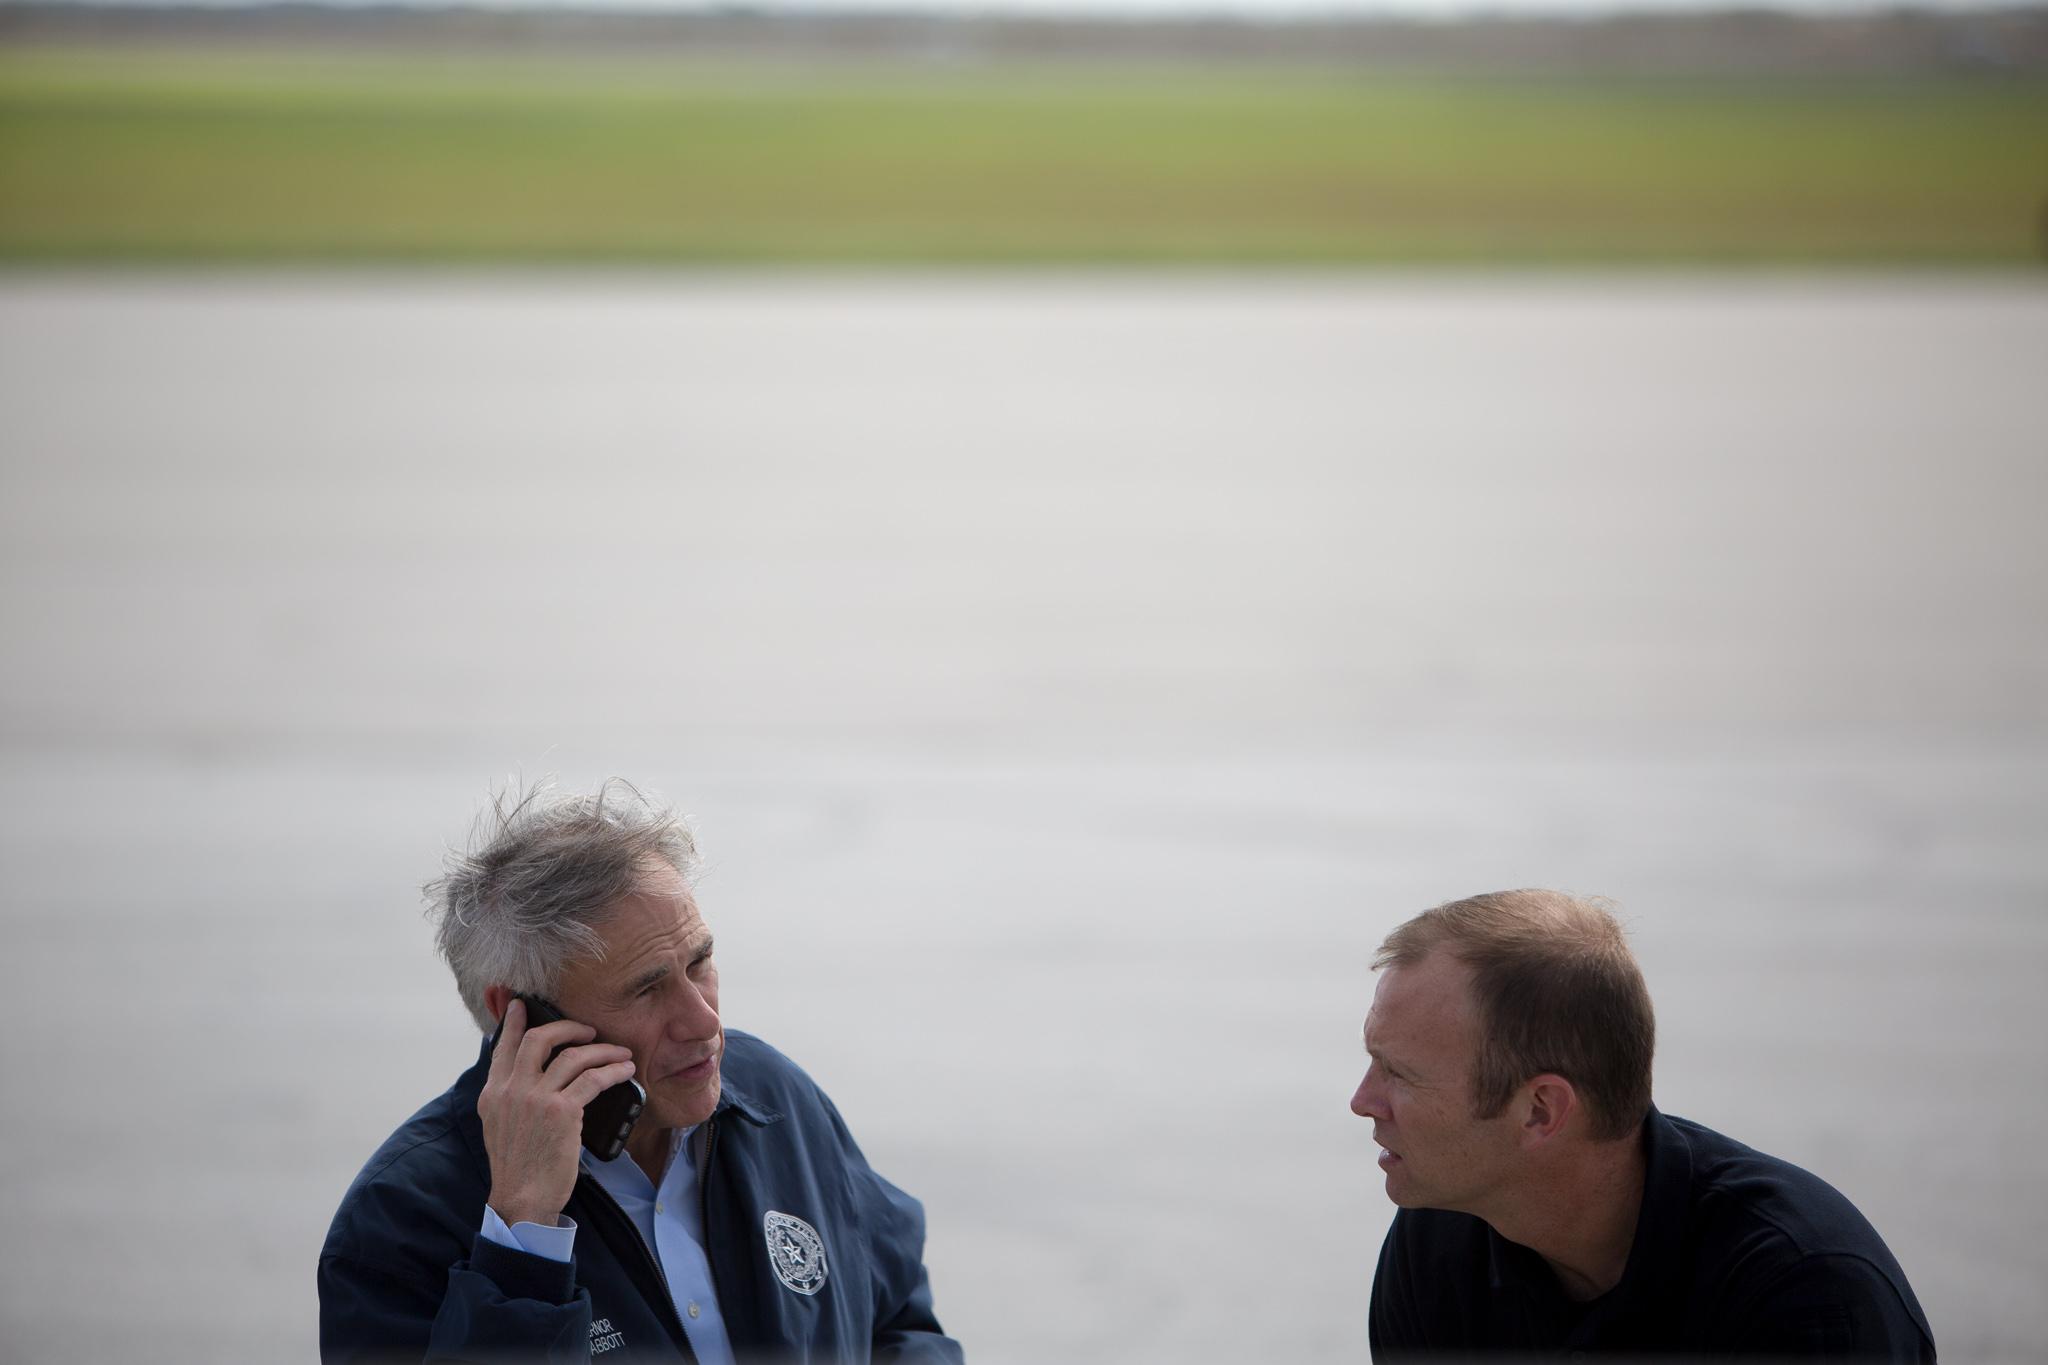 Texas Governor Greg Abbott speaks with FEMA Administrator Brock Long.